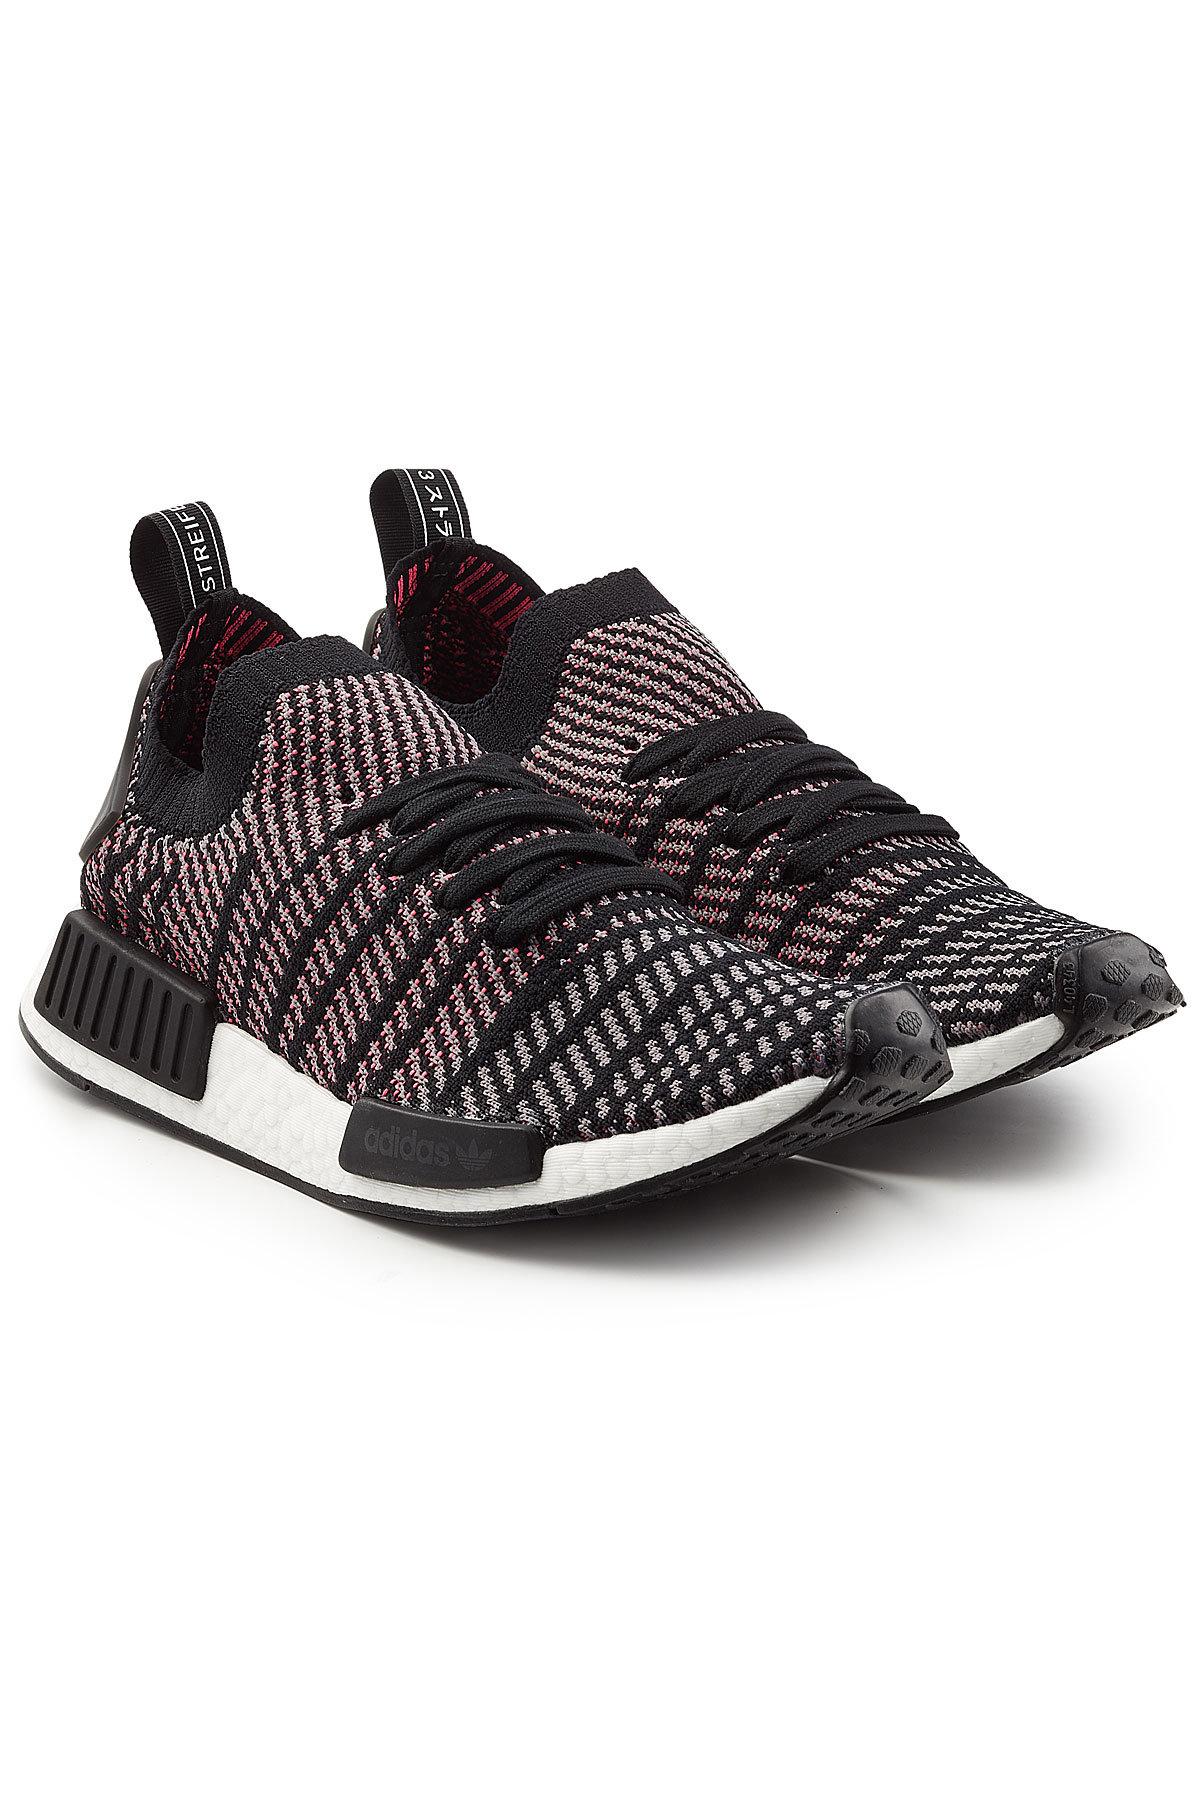 adidas NMD R1 STLT Primeknit Sneakers Gr. UK 6